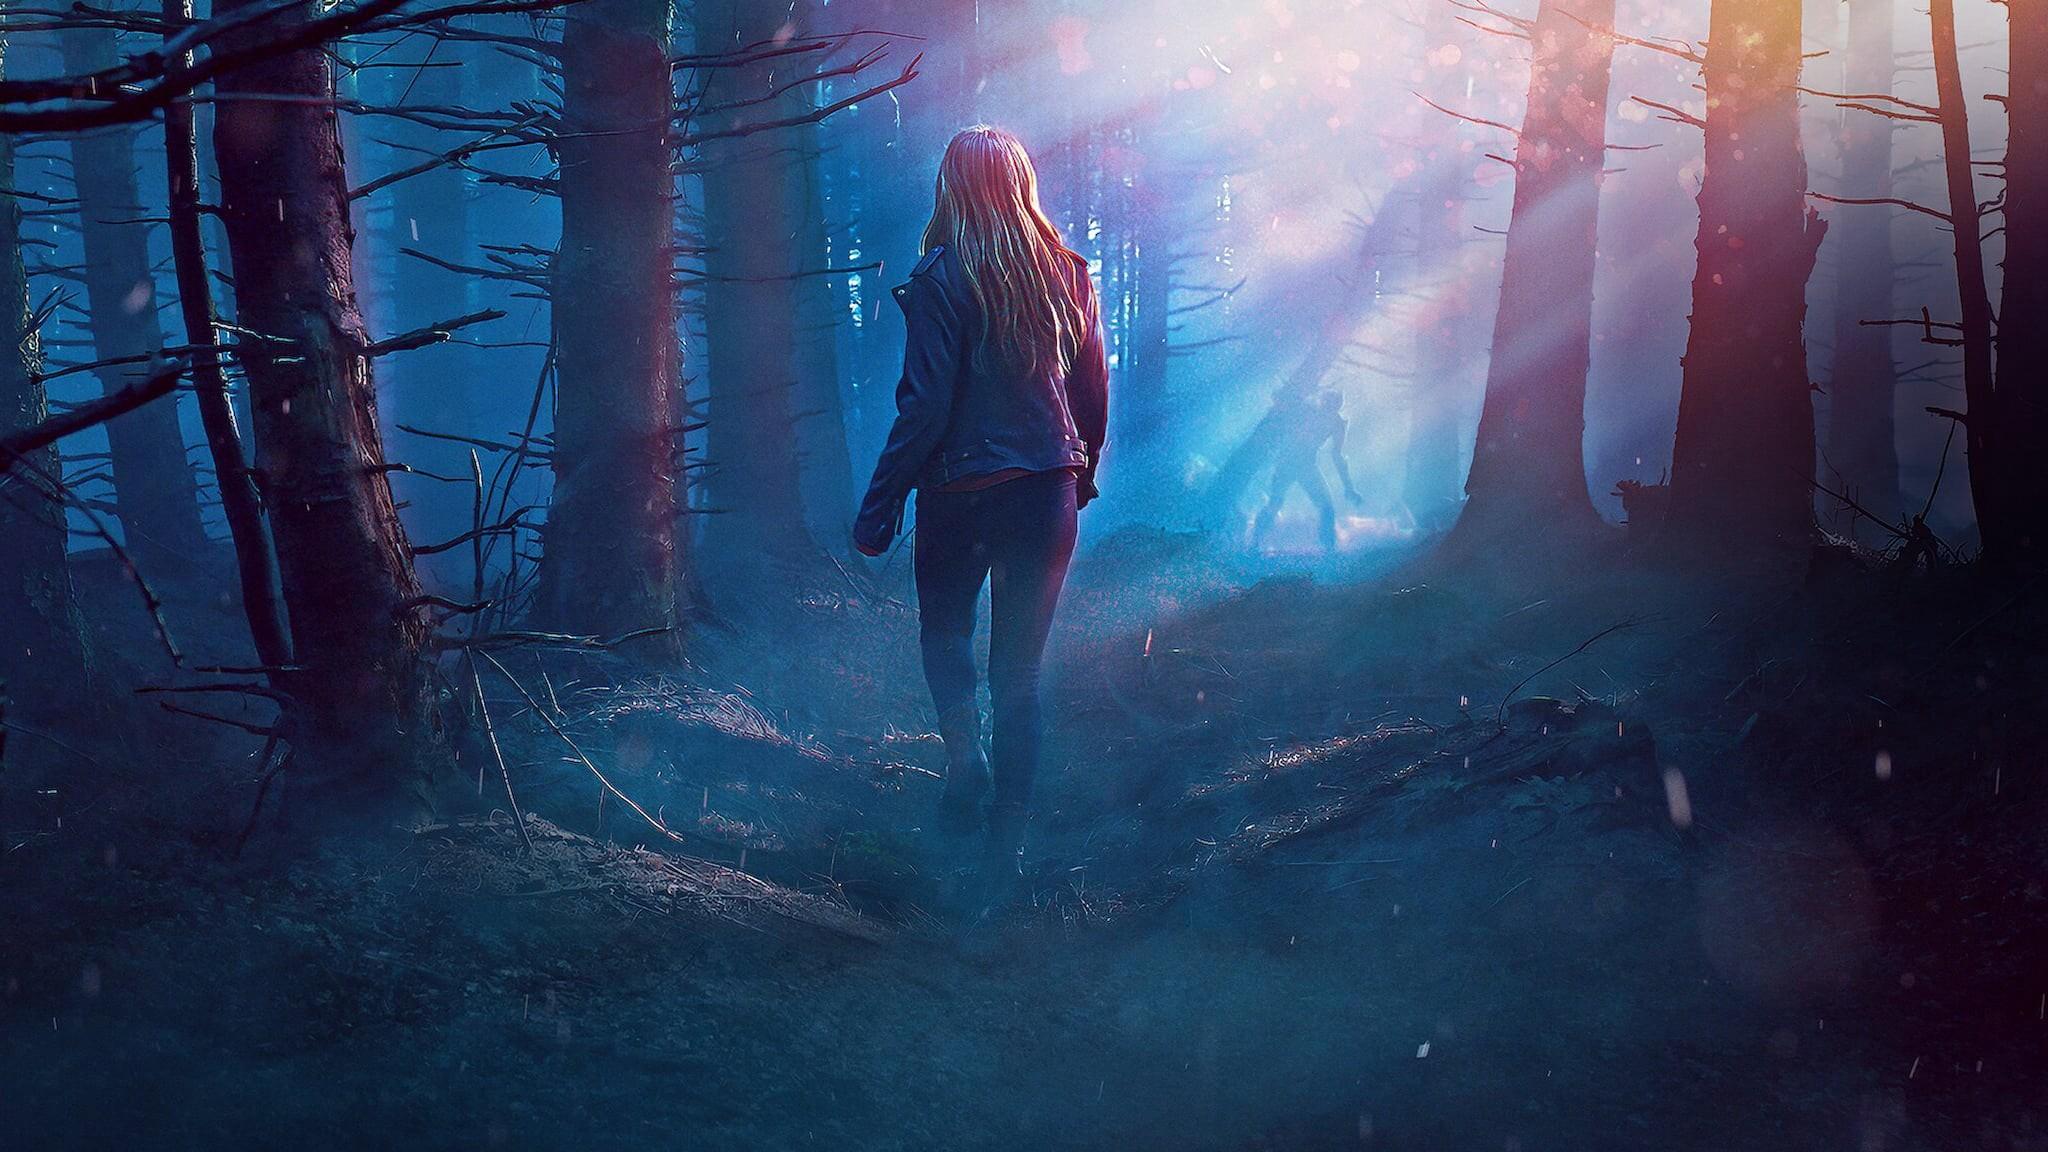 Fate: The Winx Saga är en av nya bra serier på Netflix